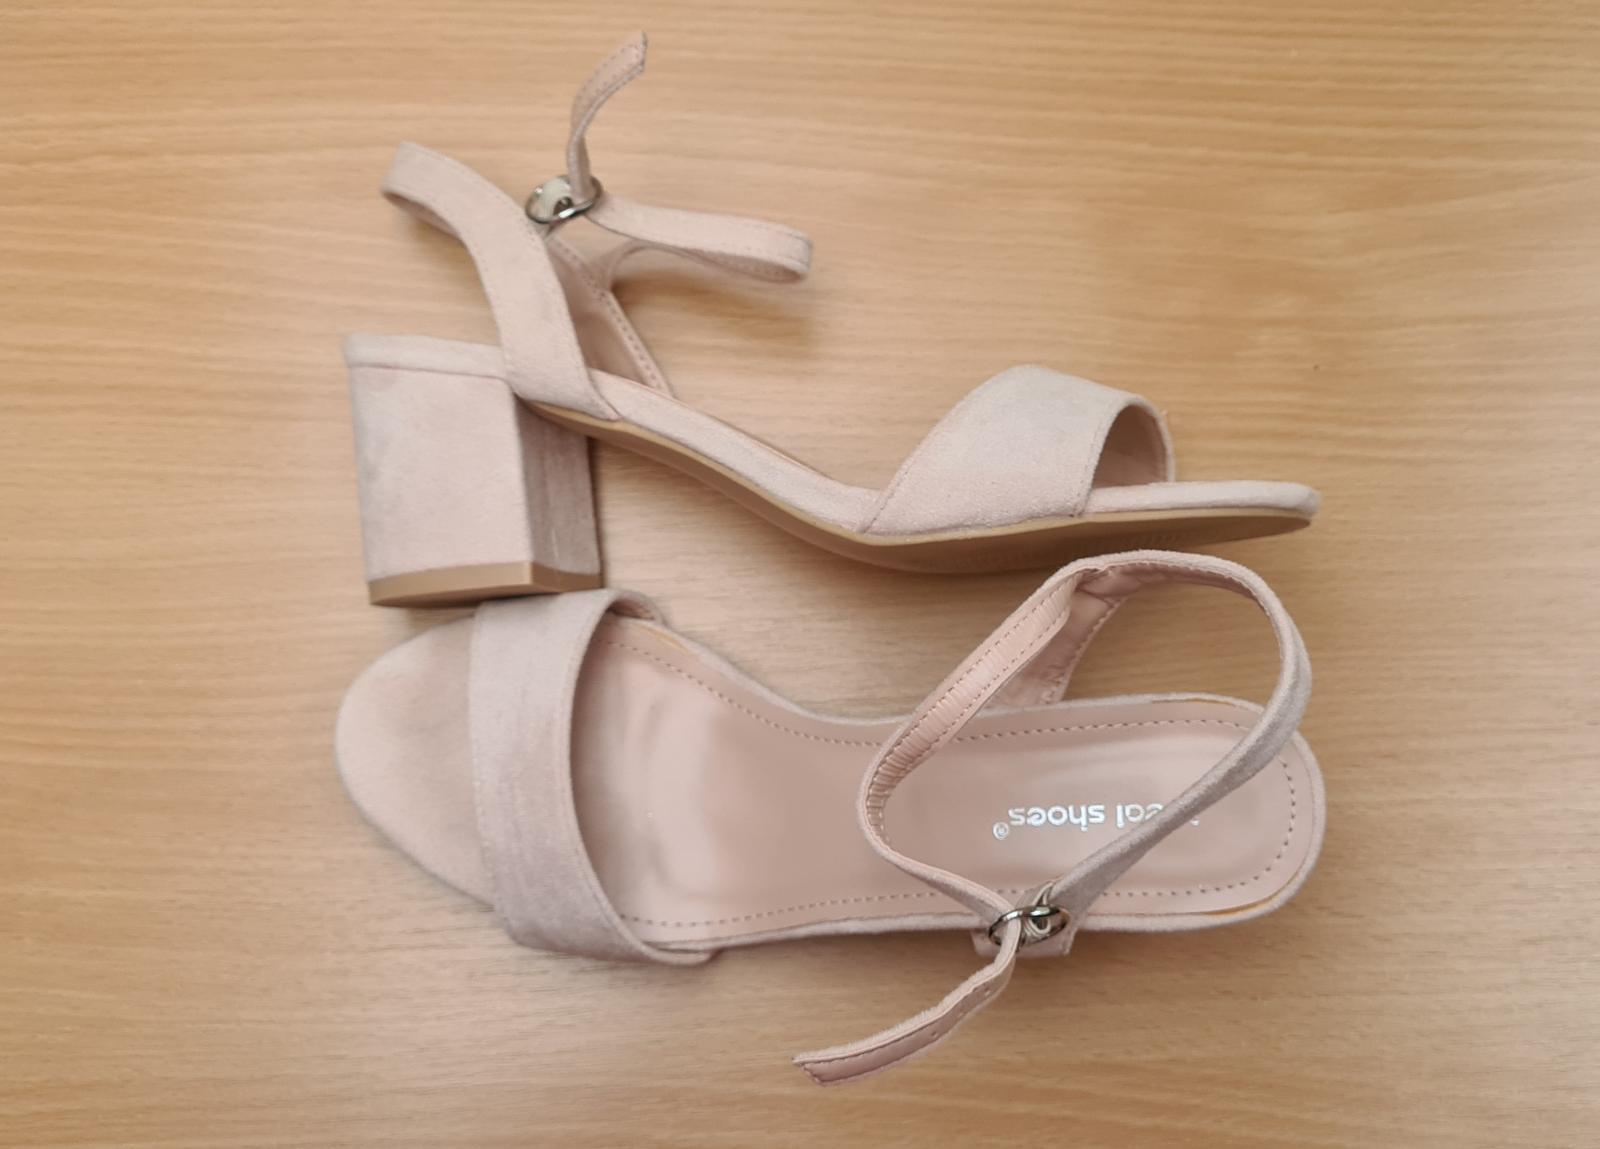 bezove sandalky vel. 39 - Obrázok č. 1